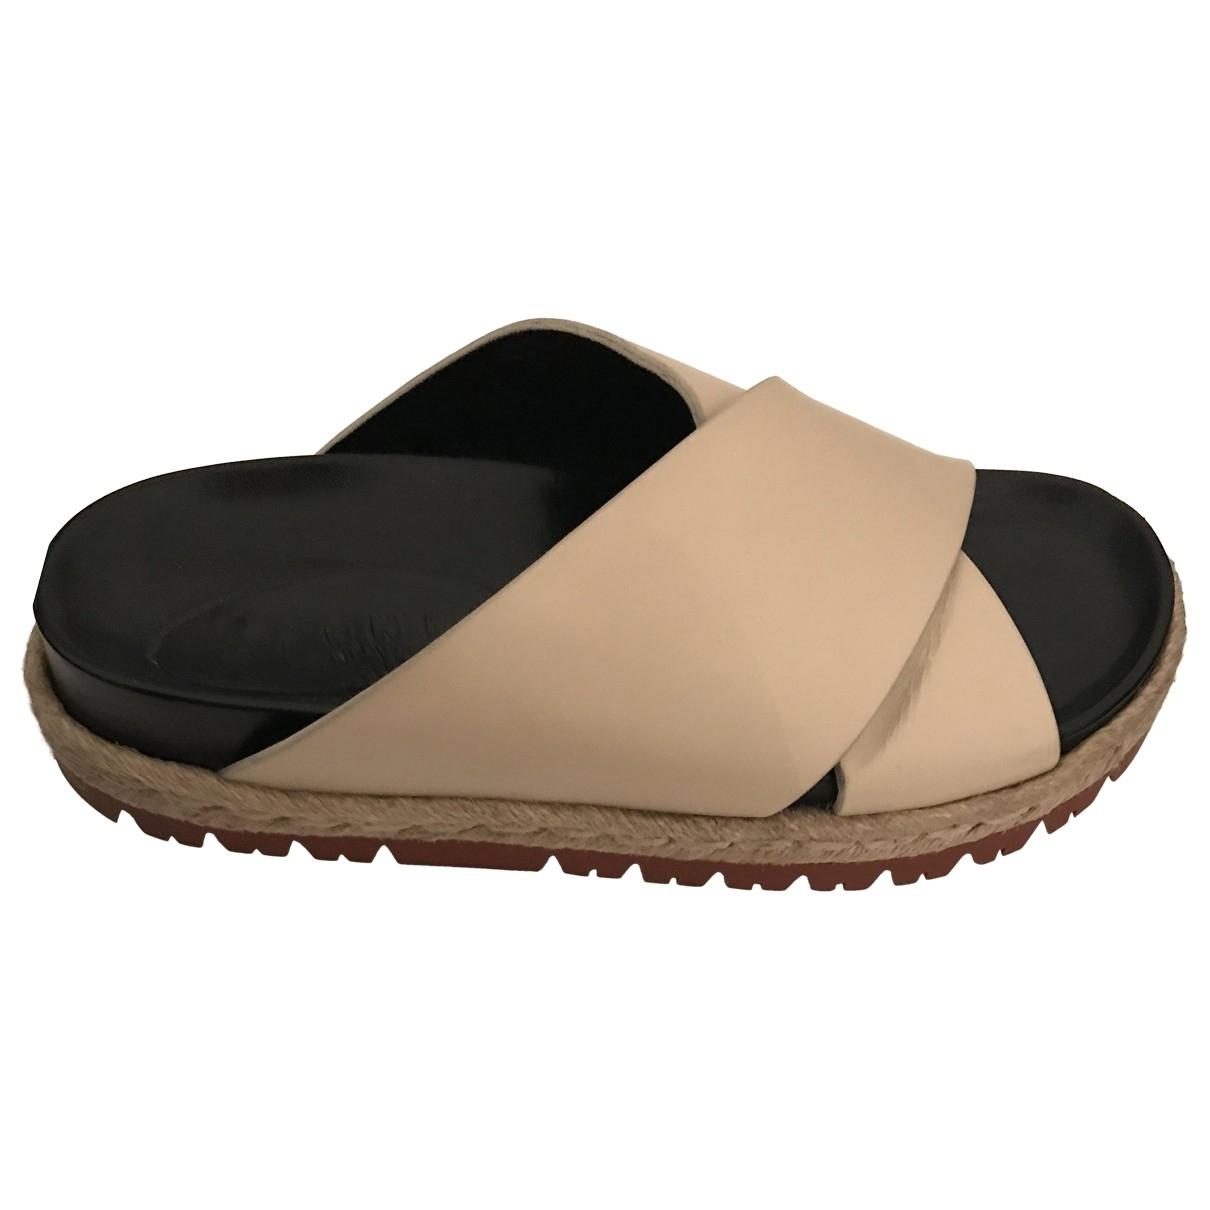 Marni - Sandales   pour femme en cuir - beige